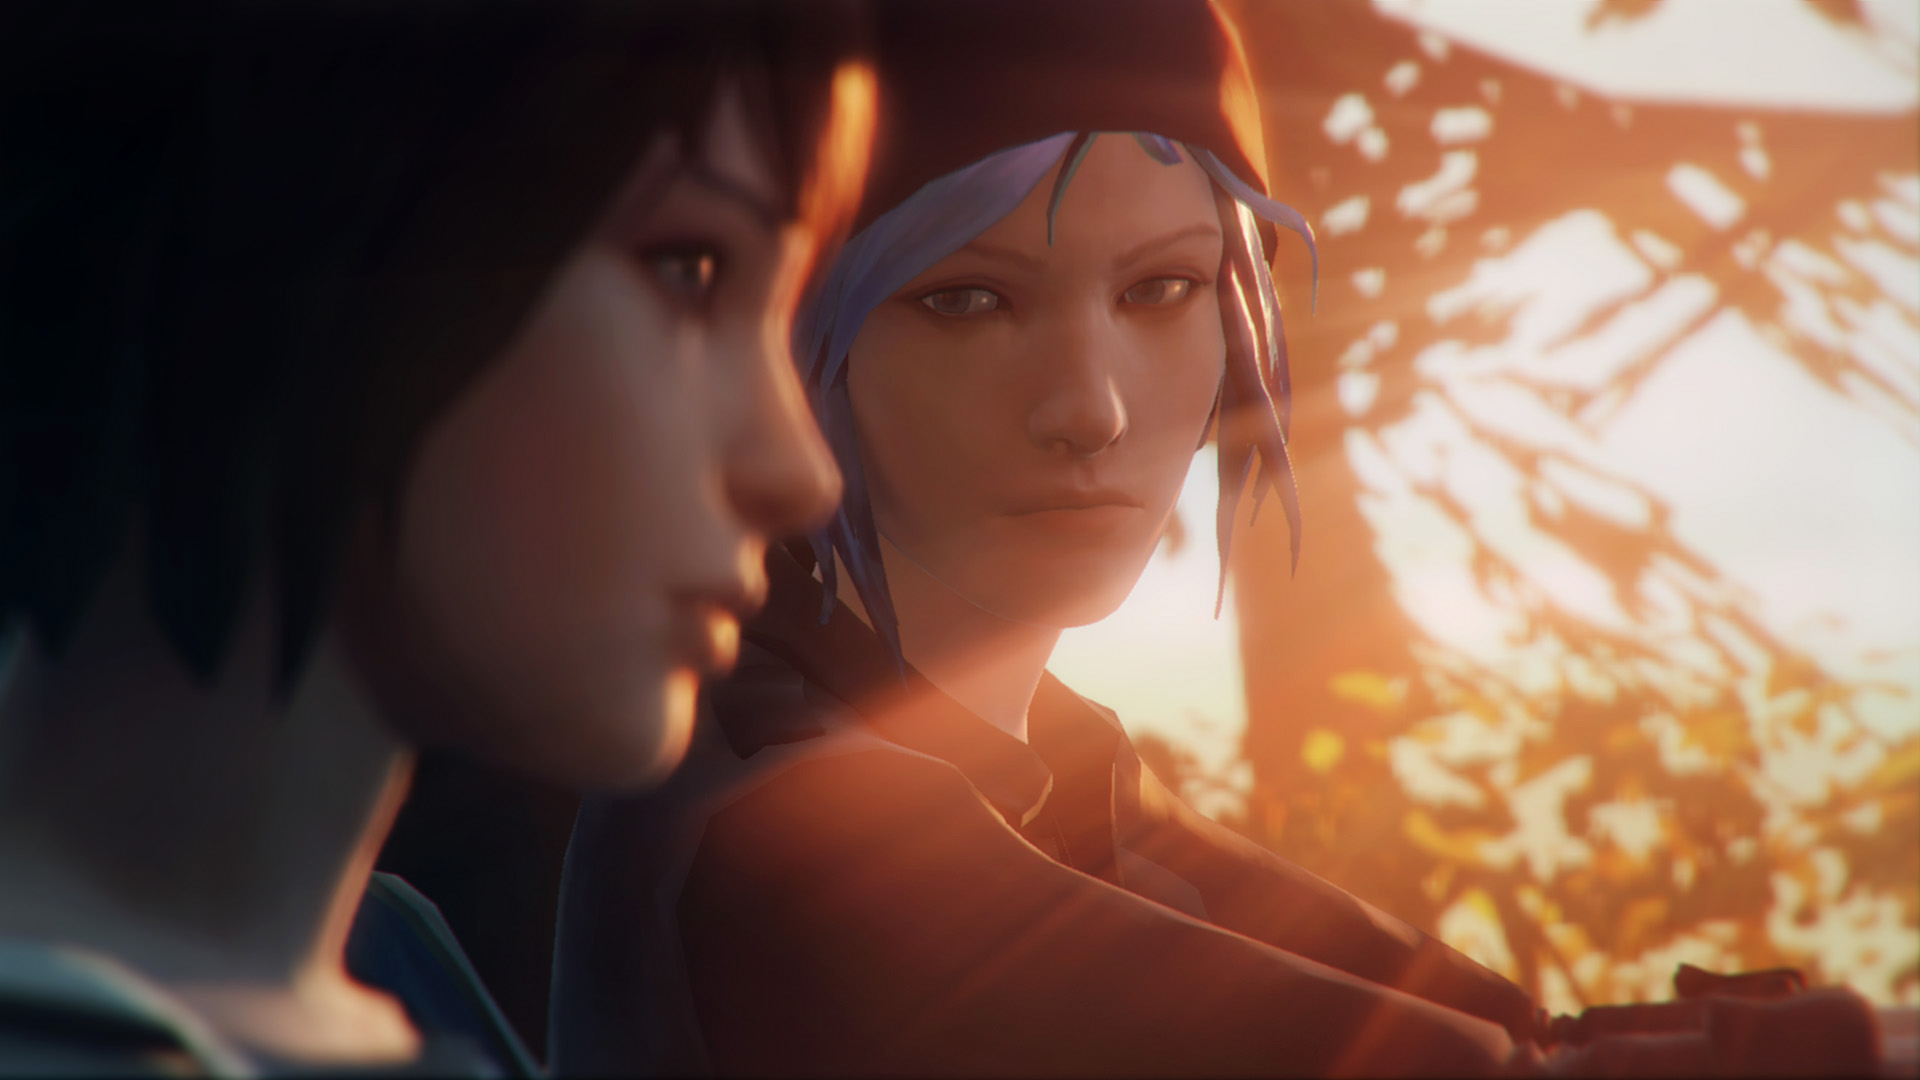 Официальный скриншот «Max and Chloe Car» игры Life is Strange